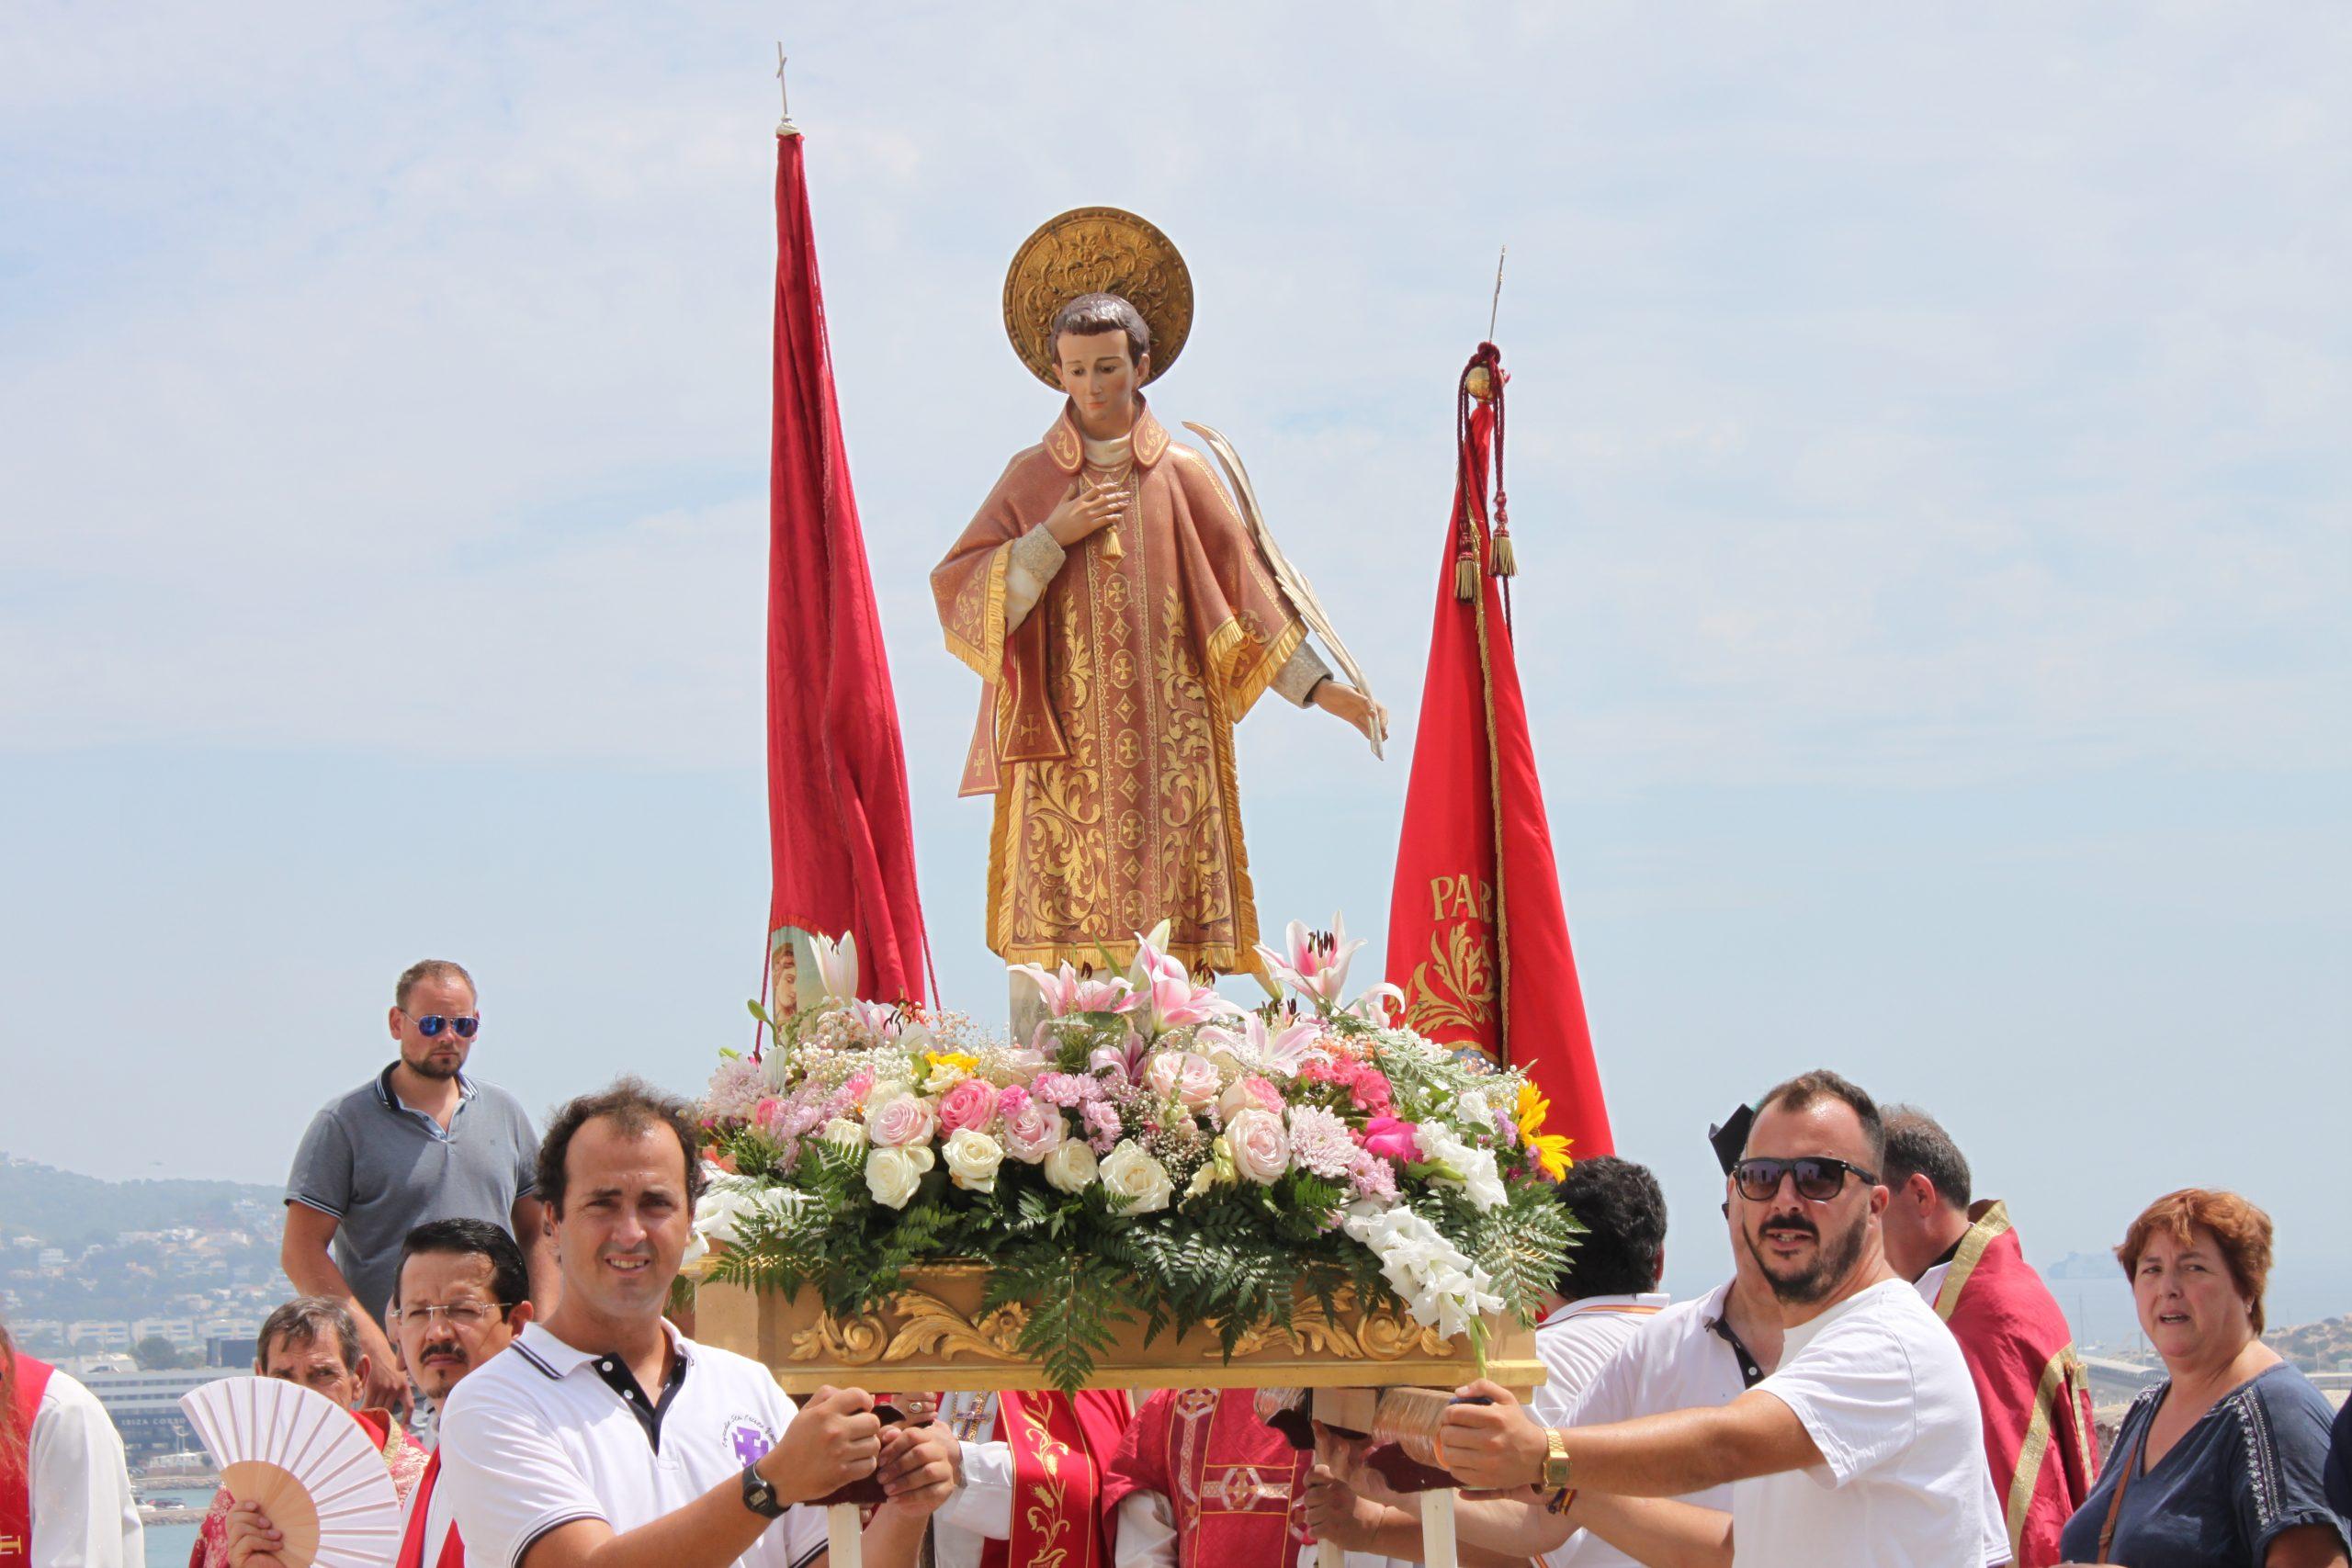 HOMILIA EN LA FIESTA DE SAN CIRIACO, DIACONO Y MARTIR, PATRONO DE IBIZA Y FORMENTERA Santa Iglesia Catedral 8de agosto de 2019